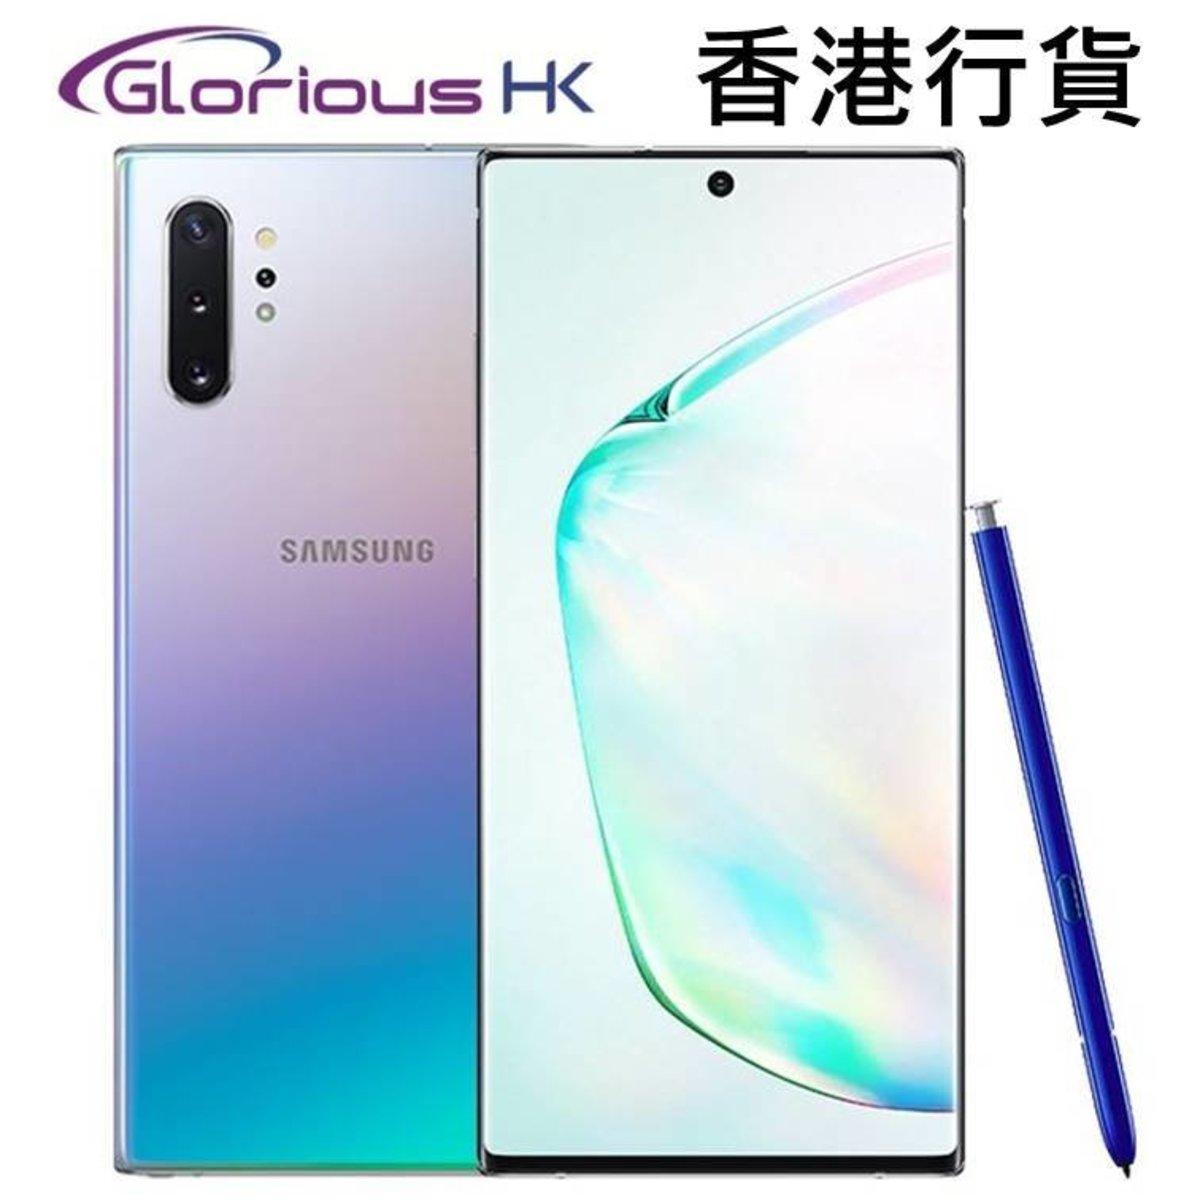 Galaxy Note 10+ 12GB+256GB N9750 幻光色 香港行貨